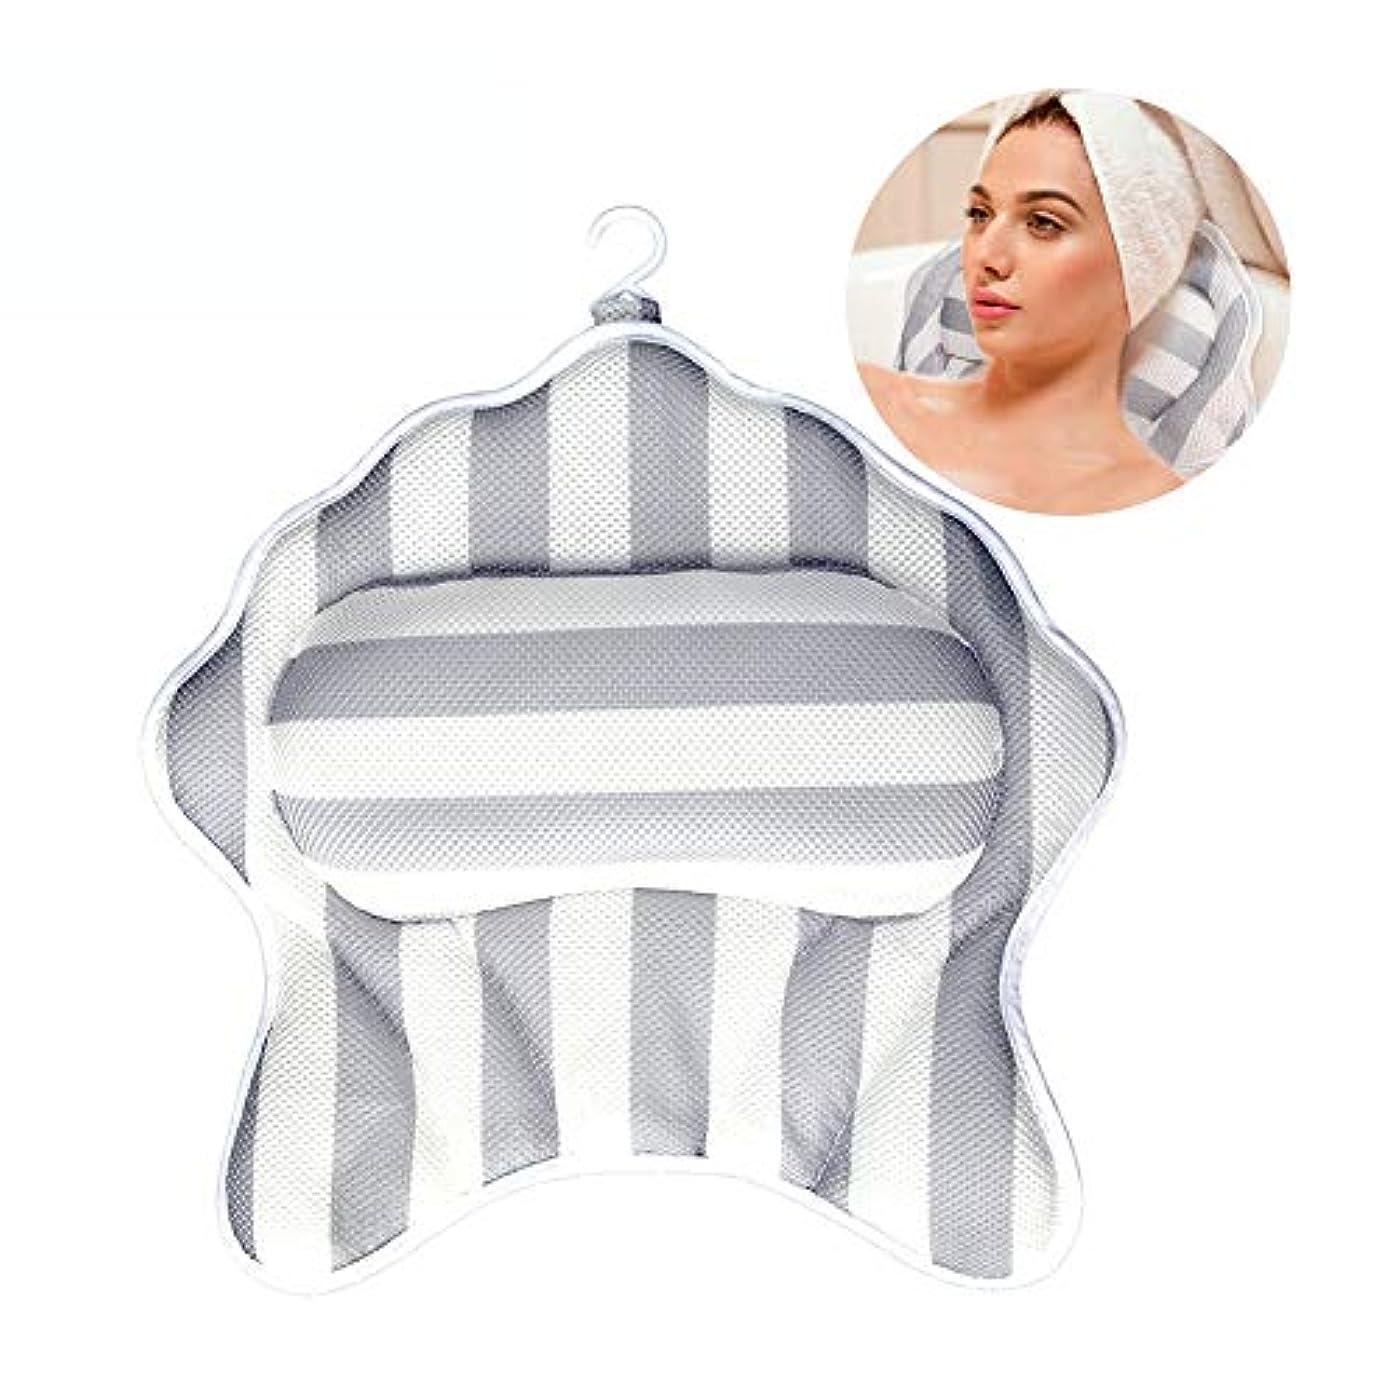 発行するに慣れメタリック3dメッシュヒトデスパマッサージバスタブ枕浴室枕クッションwith6強い吸引カップは洗濯機で洗えます